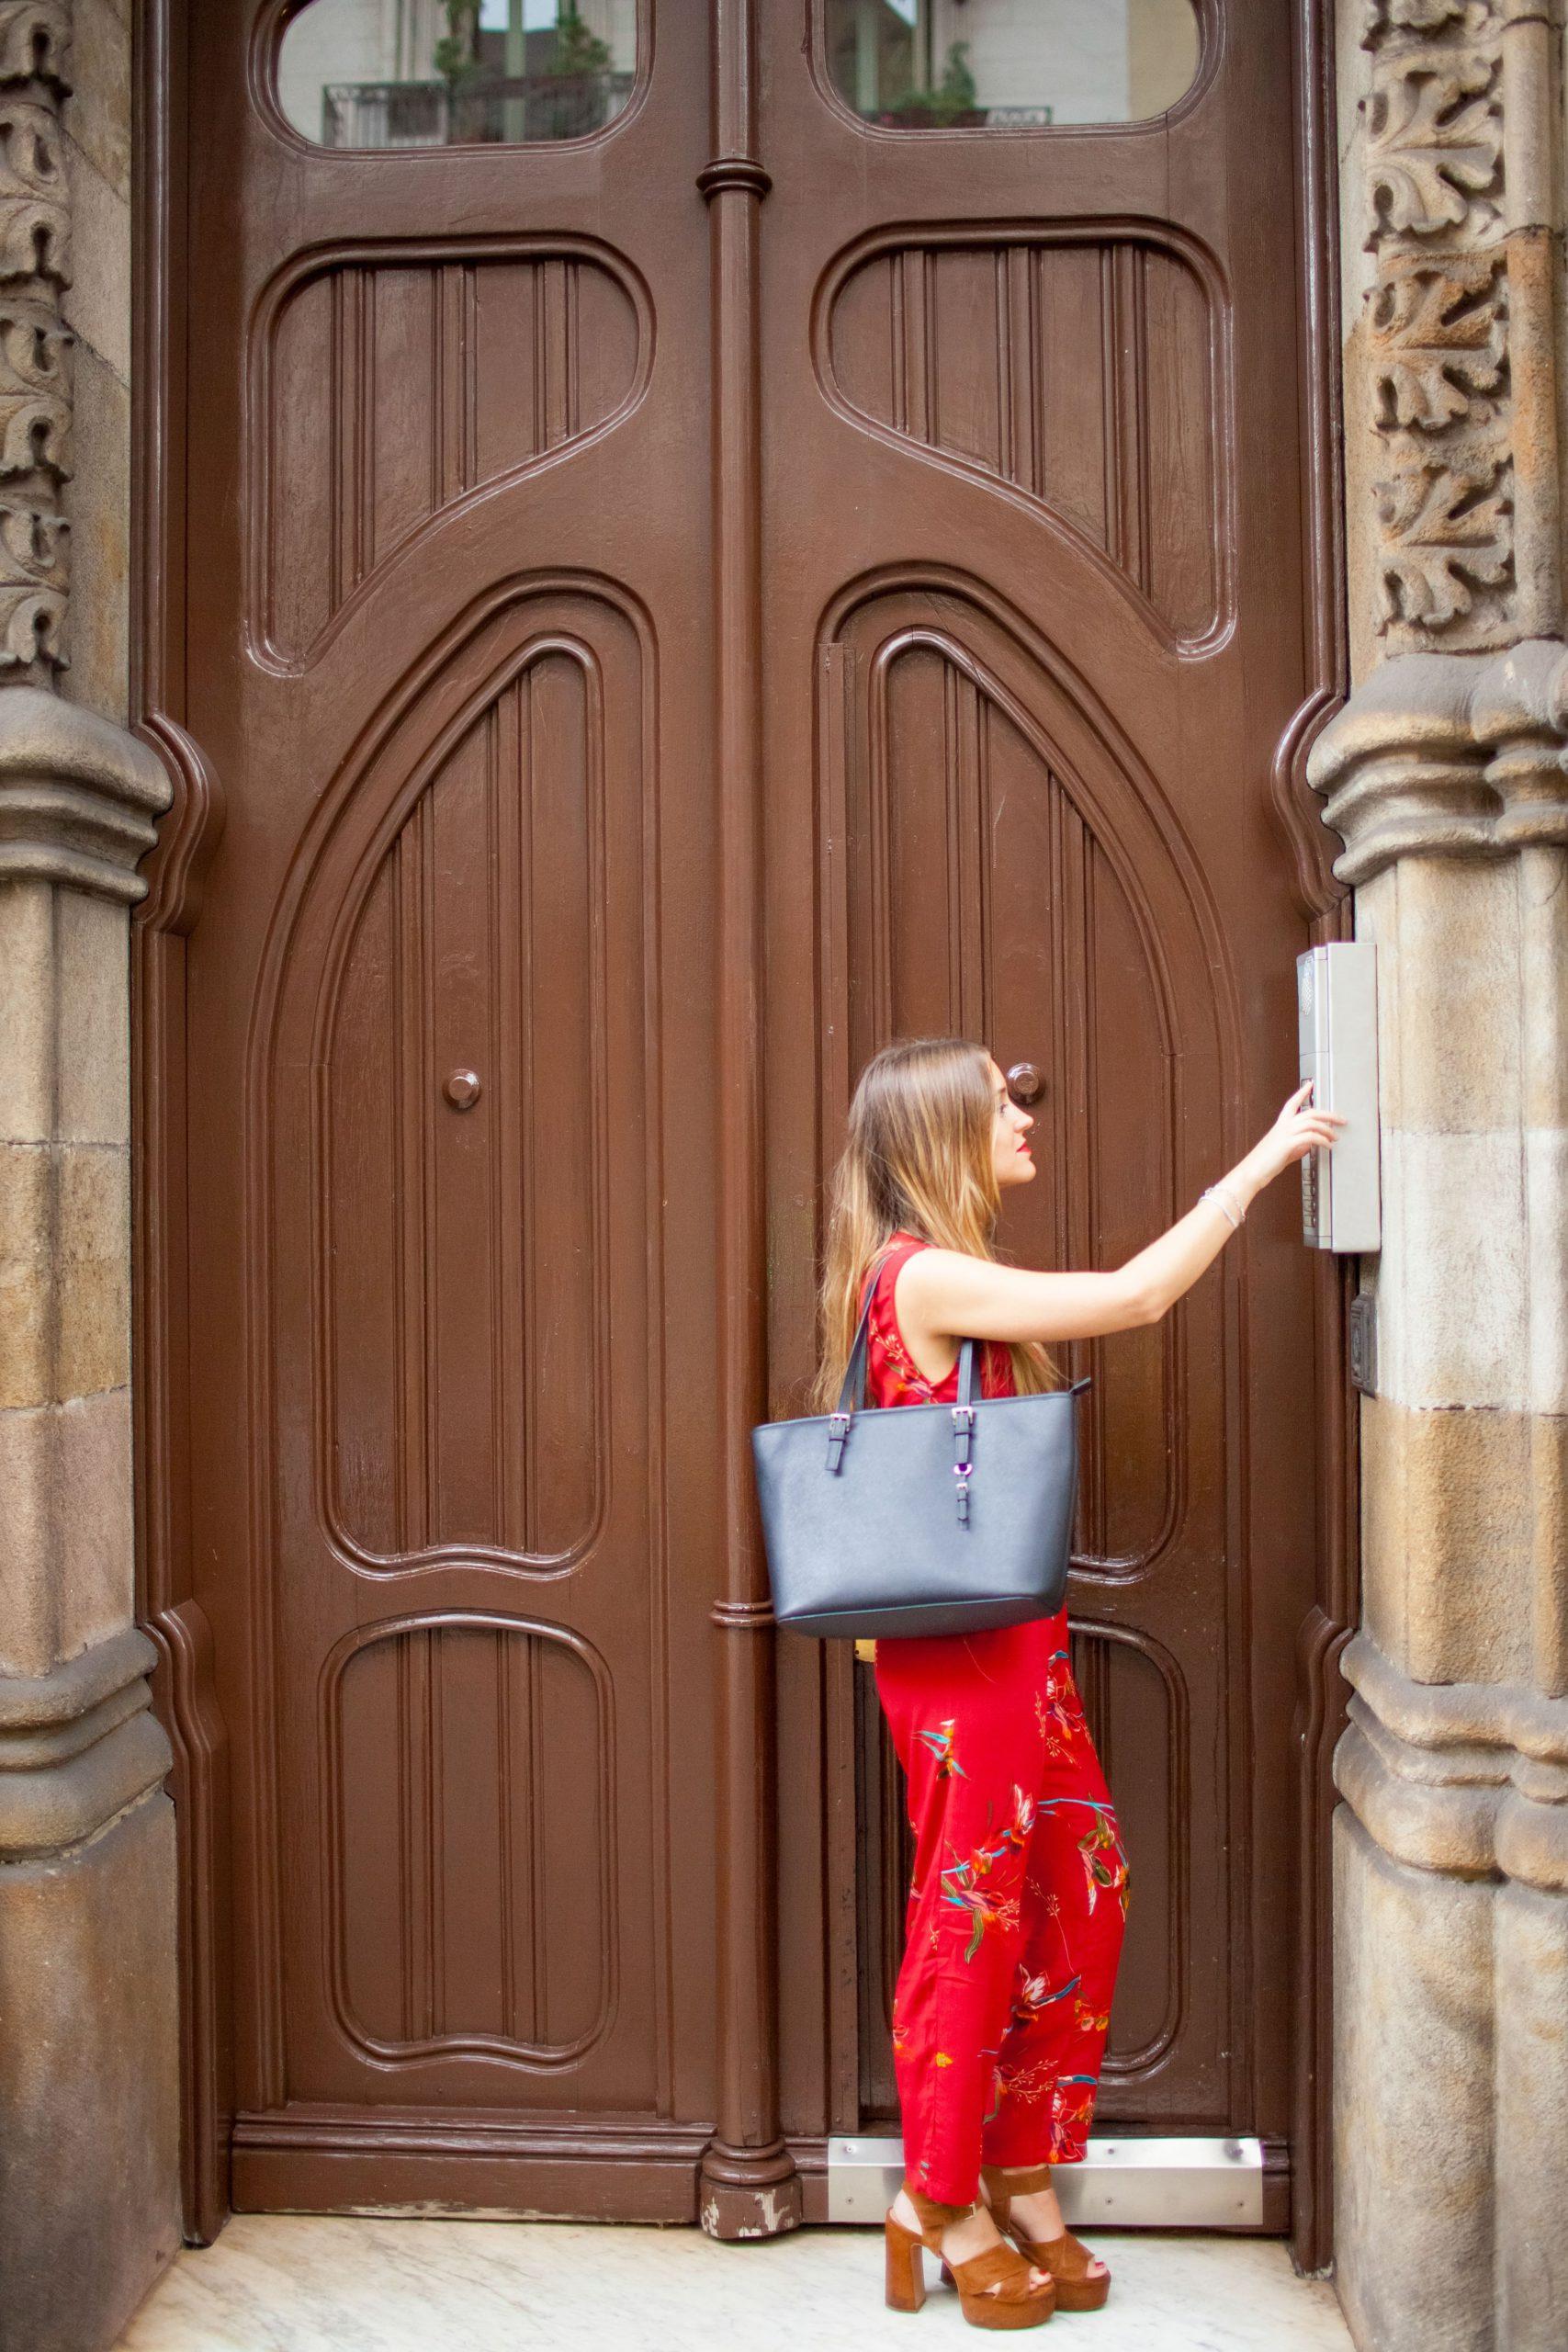 Mulher loira toca interfone de casa com porta marrom